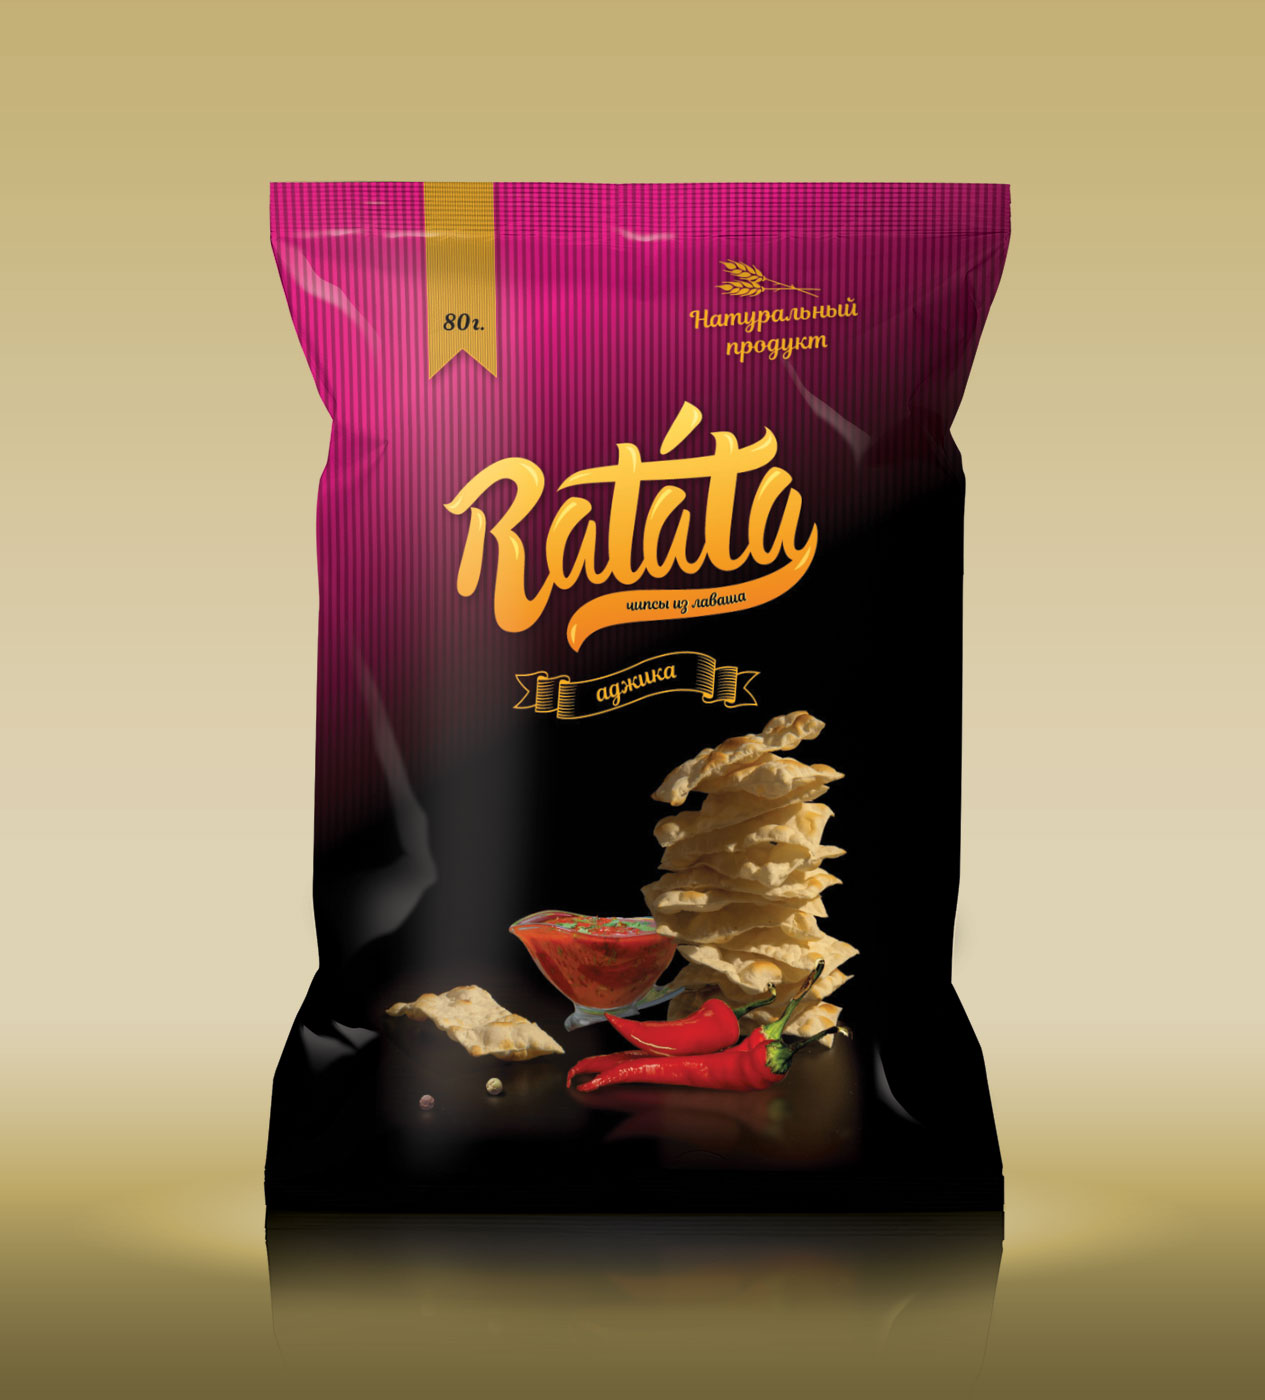 Disenyo ng packaging para sa Ratata adjika chips